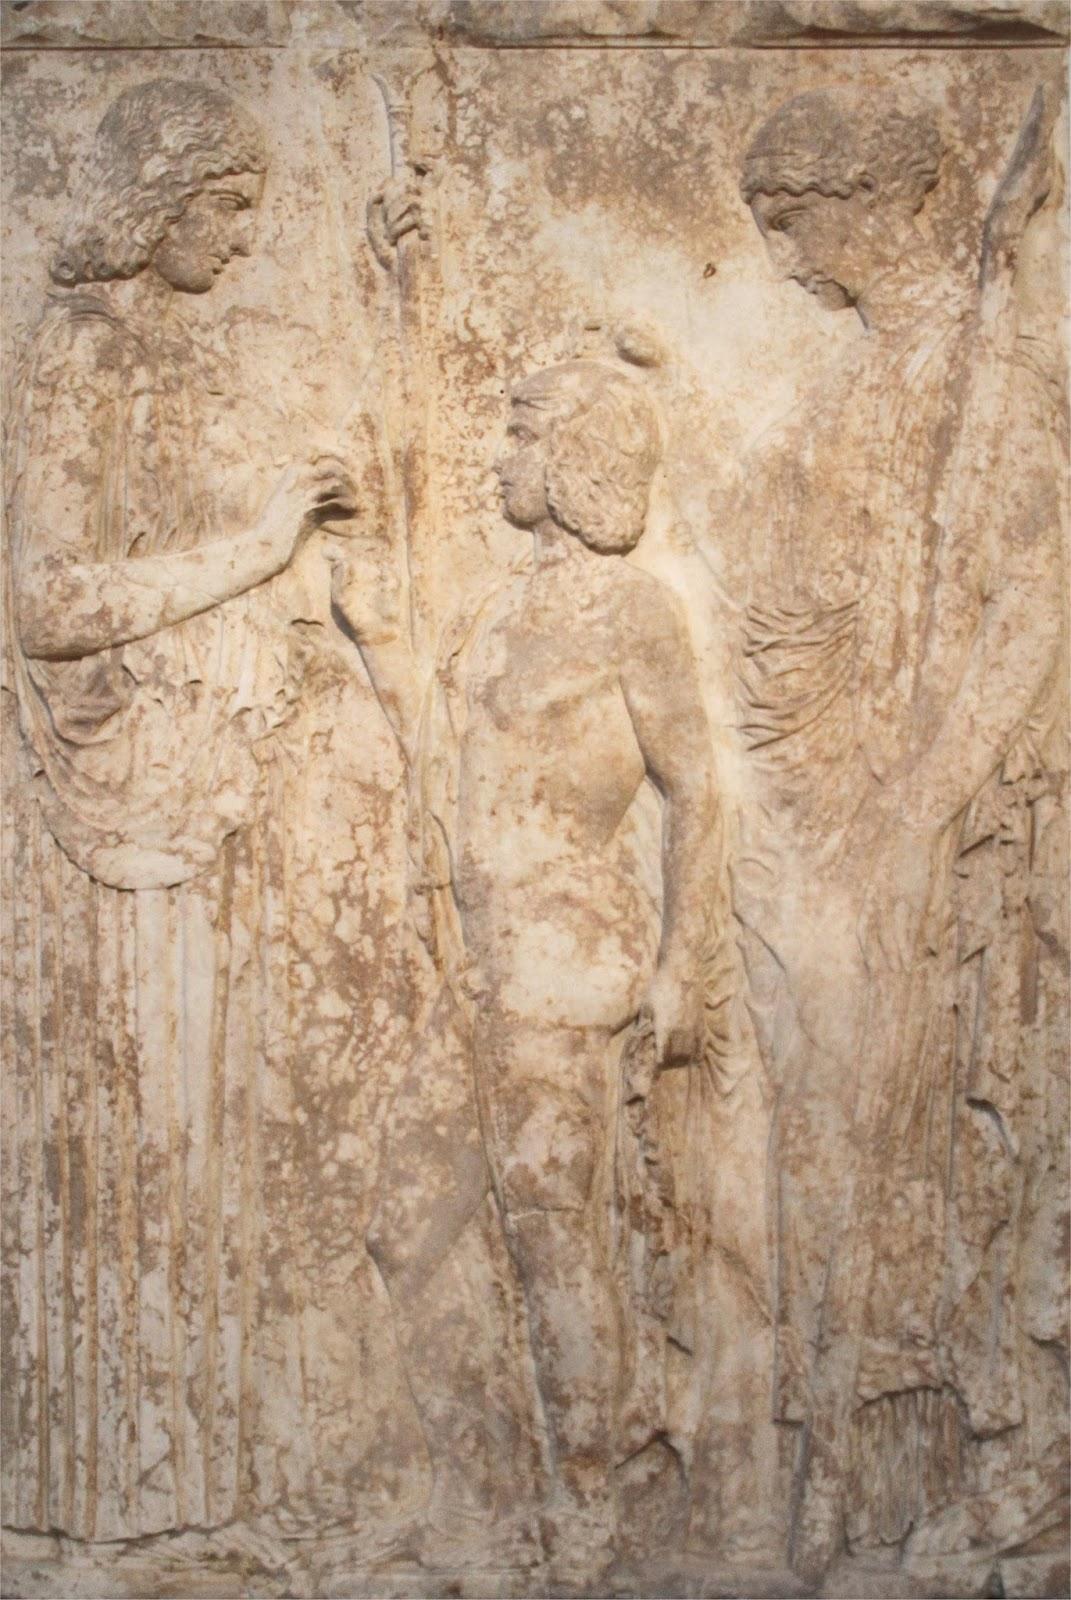 https://3.bp.blogspot.com/-AZ6NrPmwzJI/WR1x2lzpd3I/AAAAAAAAE80/stE5FzfFD2kIRfJ5hPv8bESWTIz18LpXACLcB/s1600/NAMA_-_Ancient_greek_tombstone.jpg